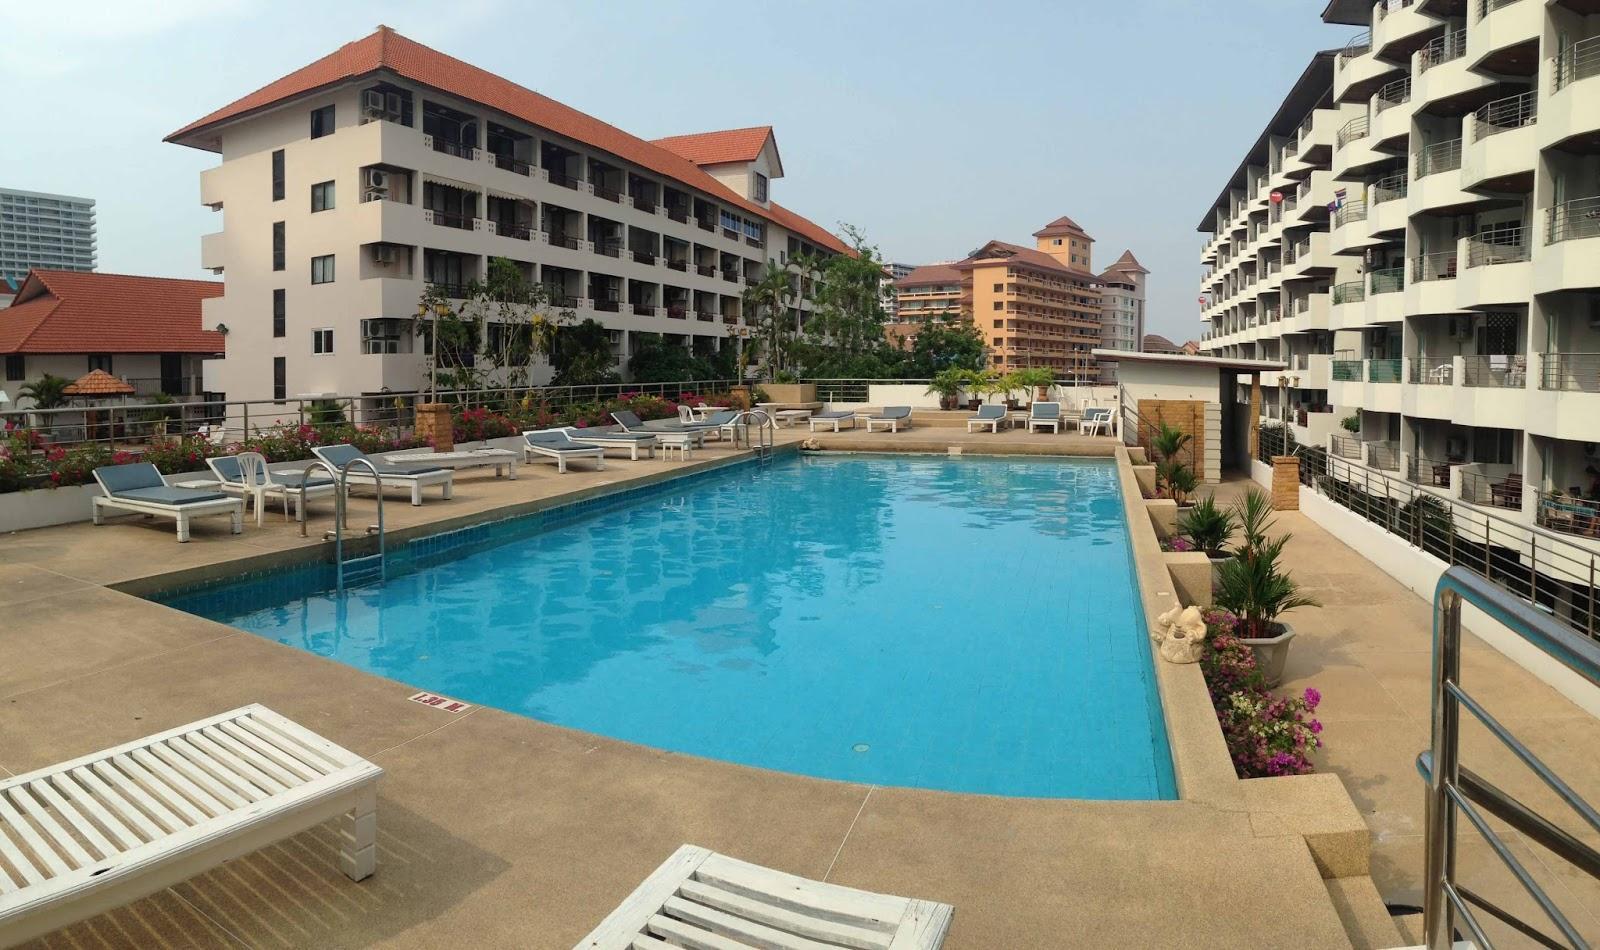 Фото двора отеля